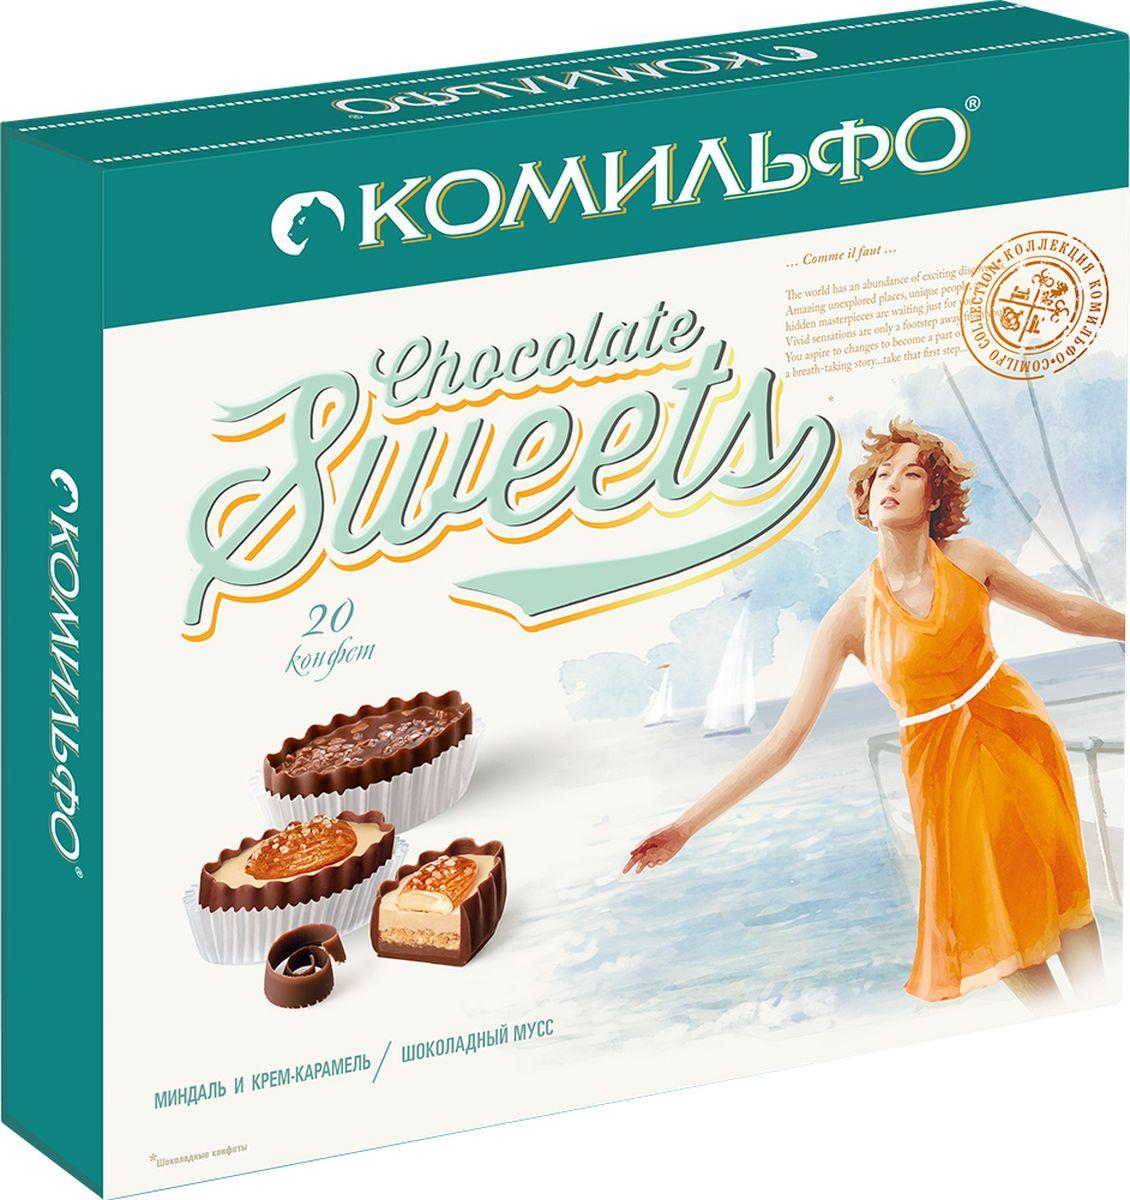 Комильфо шоколадные конфеты крем-брюле шоколадный мусс, 232 г